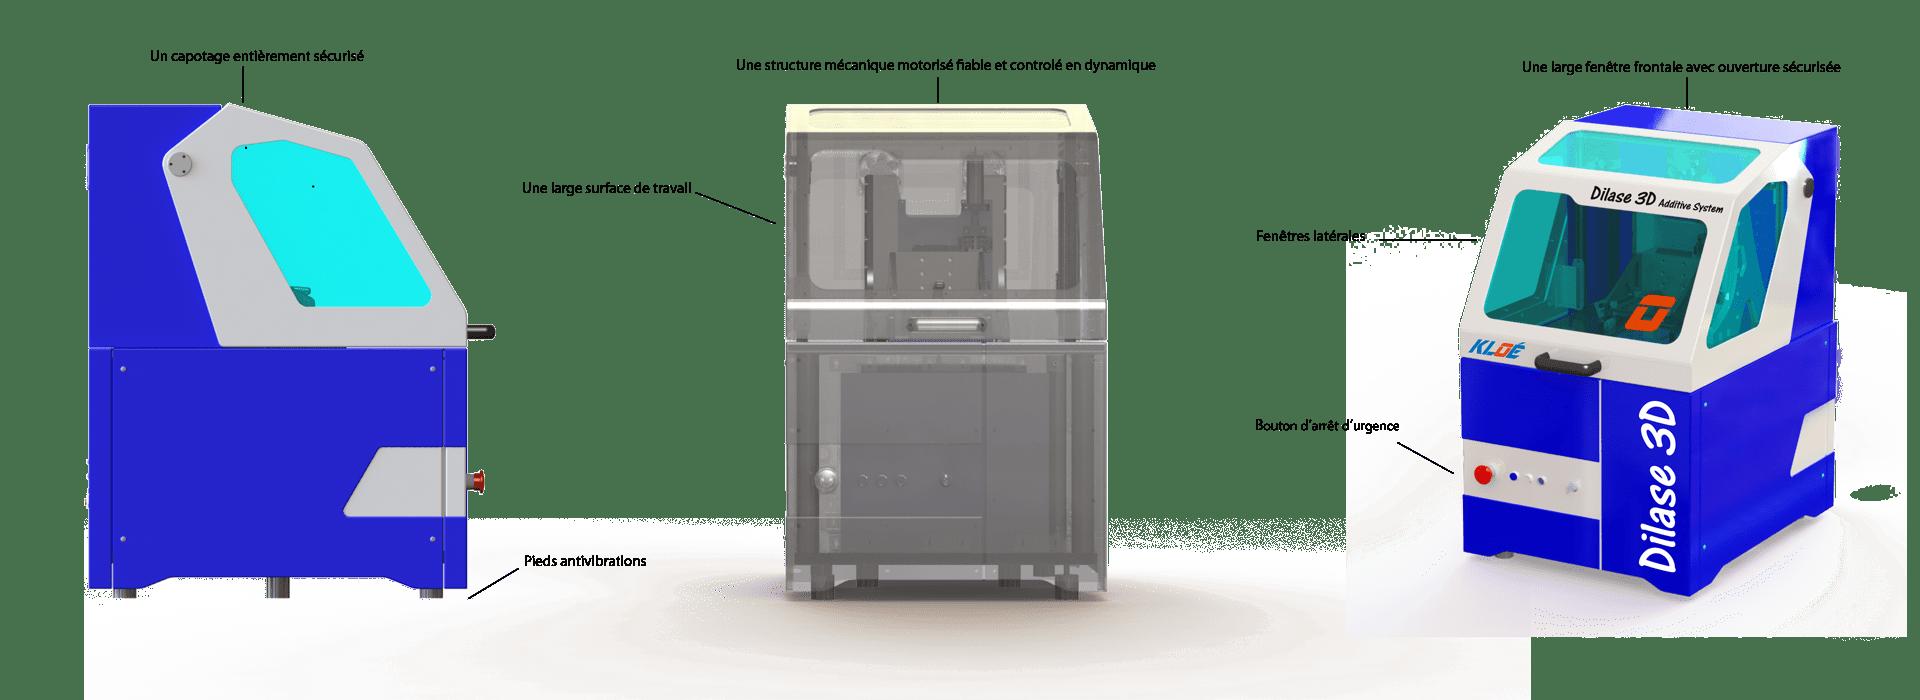 Schéma explicatif de la structure de l'imprimante 3D haute résolution Dilase 3D